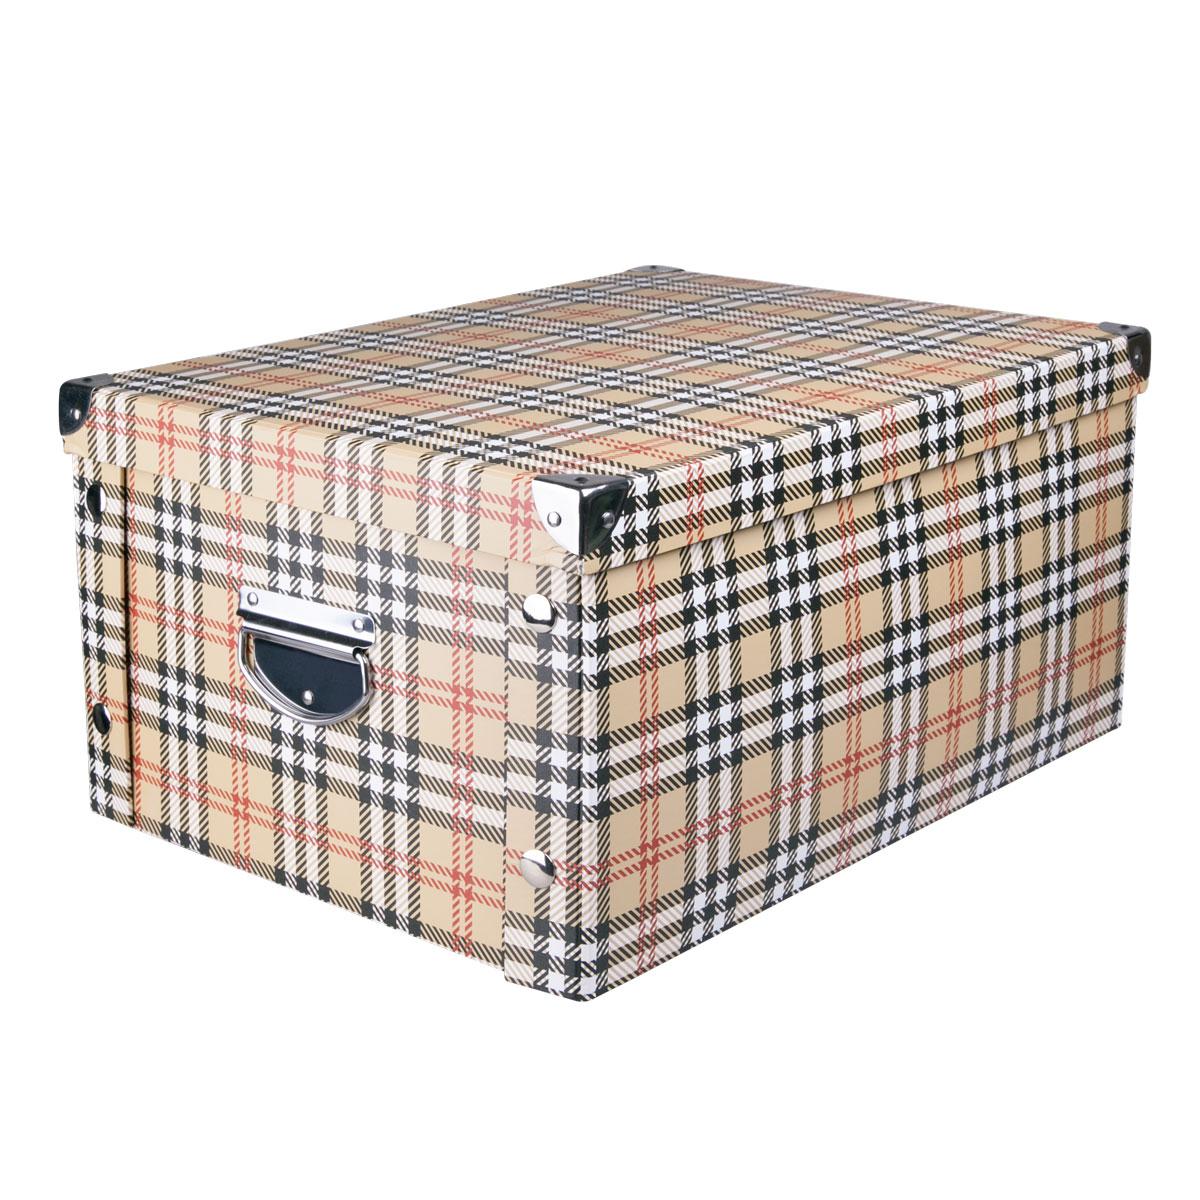 Коробка для хранения Miolla, 35 х 25 х 17,5 см. CFB-06Z-0307Коробка для хранения Miolla прекрасно подойдет для хранения бытовых мелочей, документов, аксессуаров для рукоделия и других мелких предметов. Коробка поставляется в разобранном виде, легко и быстро складывается. Плотная крышка и удобные для переноски металлические ручки станут приятным дополнением к функциональным достоинствам коробки. Удобная крышка не даст ни одной вещи потеряться, а оптимальный размер подойдет для любого шкафа или полки.Компактная, но при этом вместительная коробка для хранения станет яркой нотой в вашем интерьере.